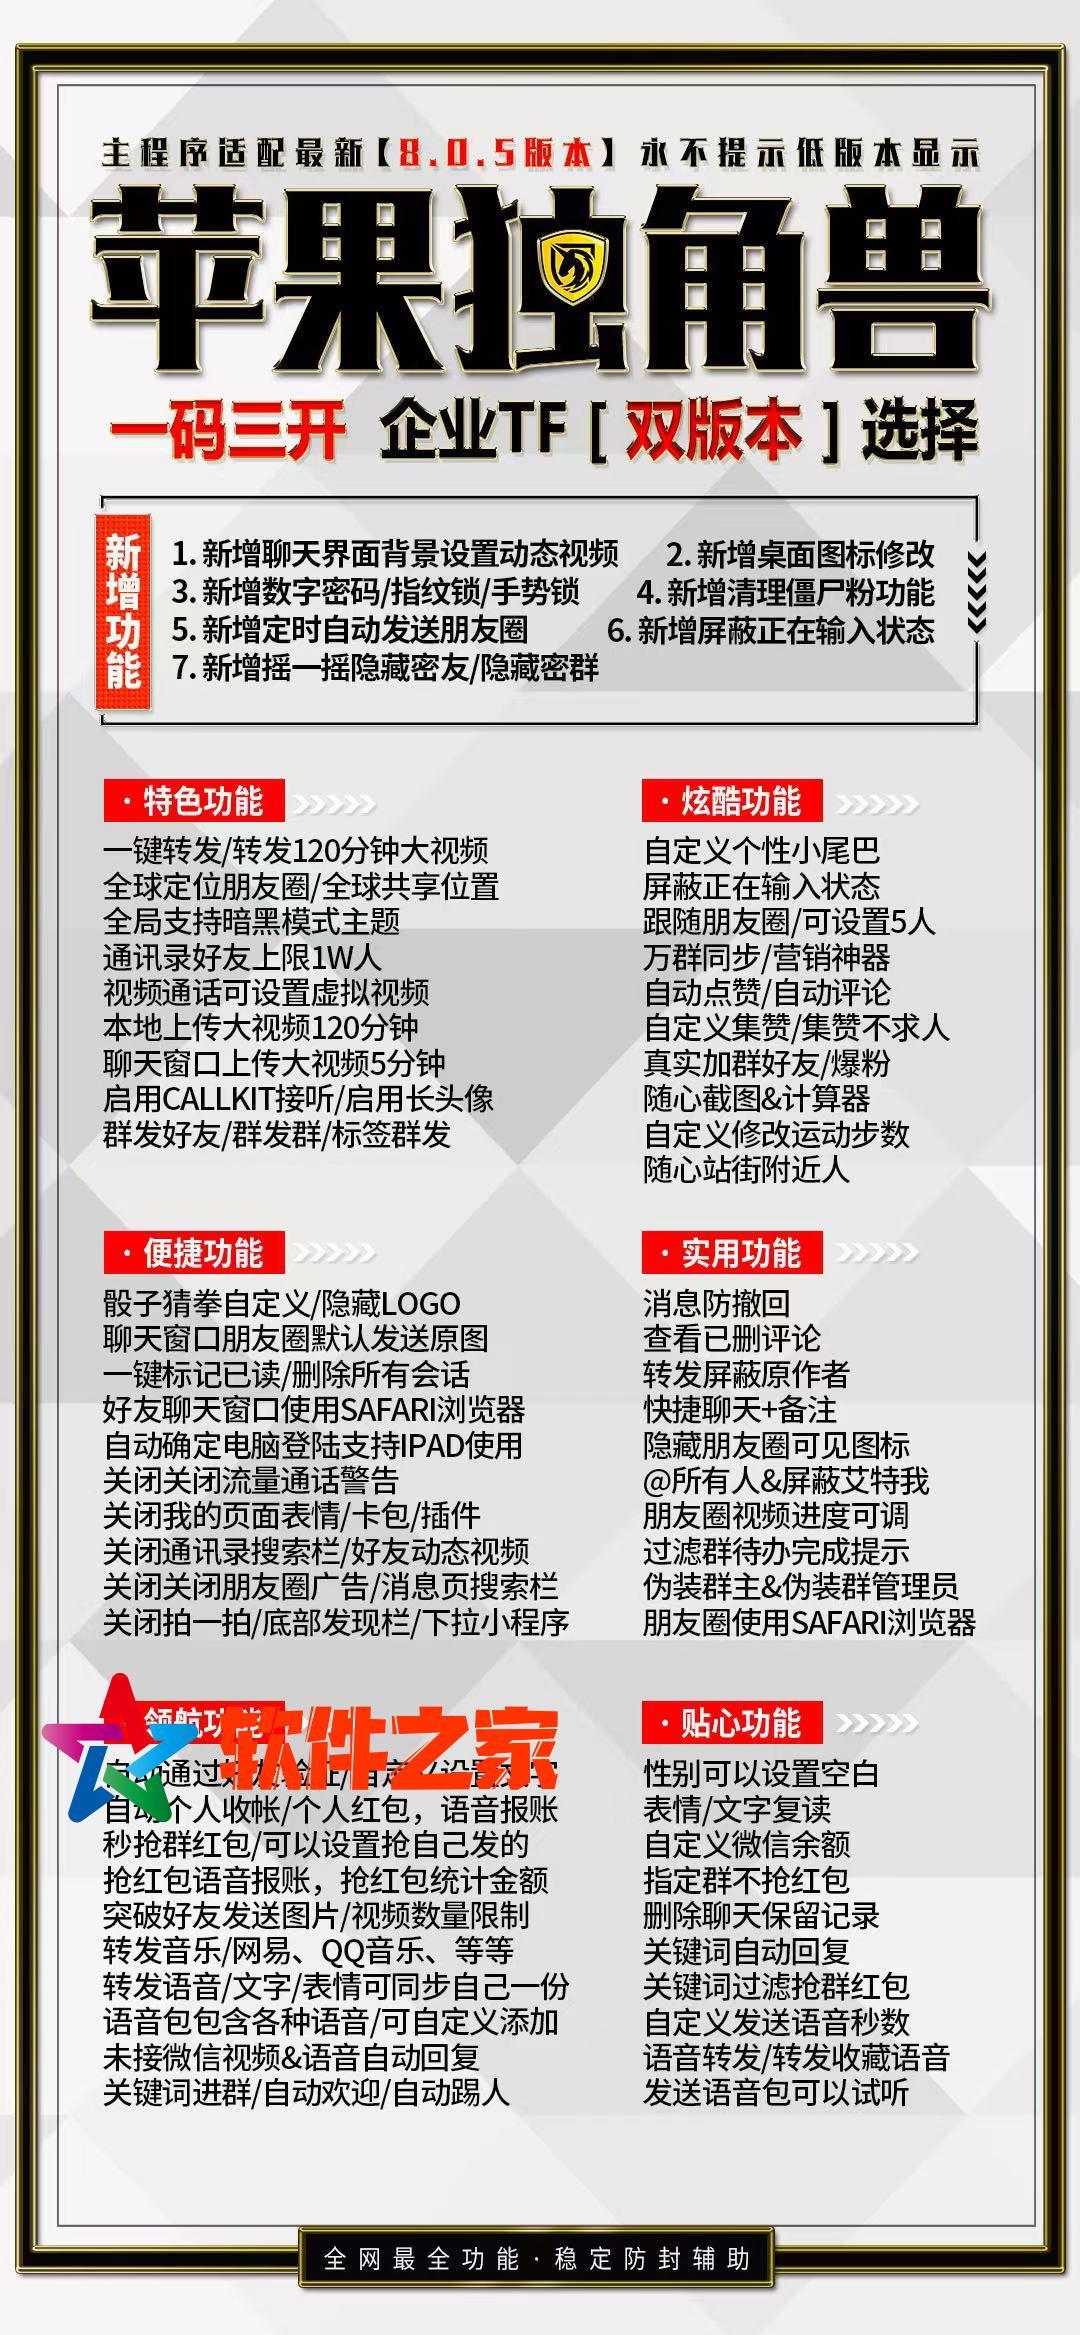 【苹果优选改名独角兽官网下载更新地址】苹果ios微信多开分身一键转发营销软件 独家兼容ios最新15系统